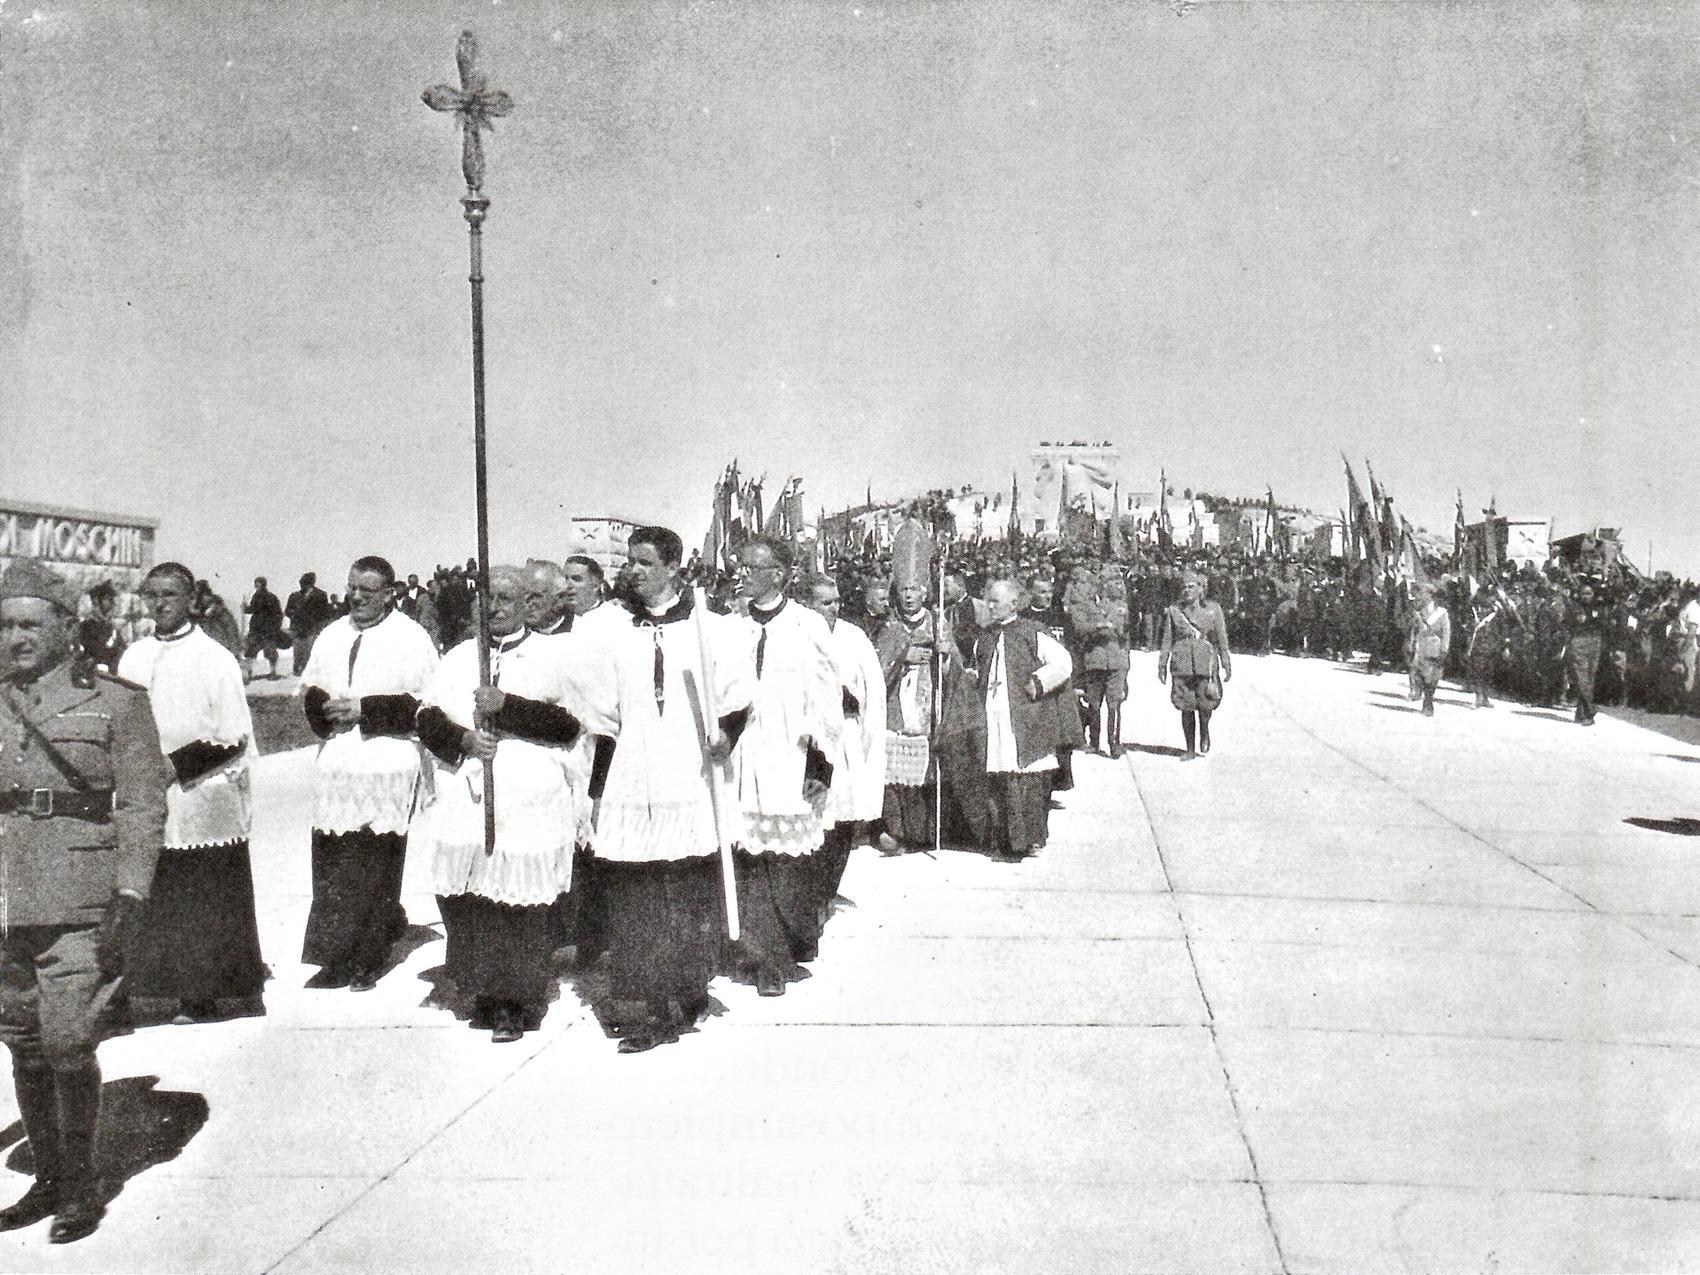 22 settembre 1935, inaugurazione dell'Ossario di Cima Grappa. In primo piano, Giuseppe Giacomelli.